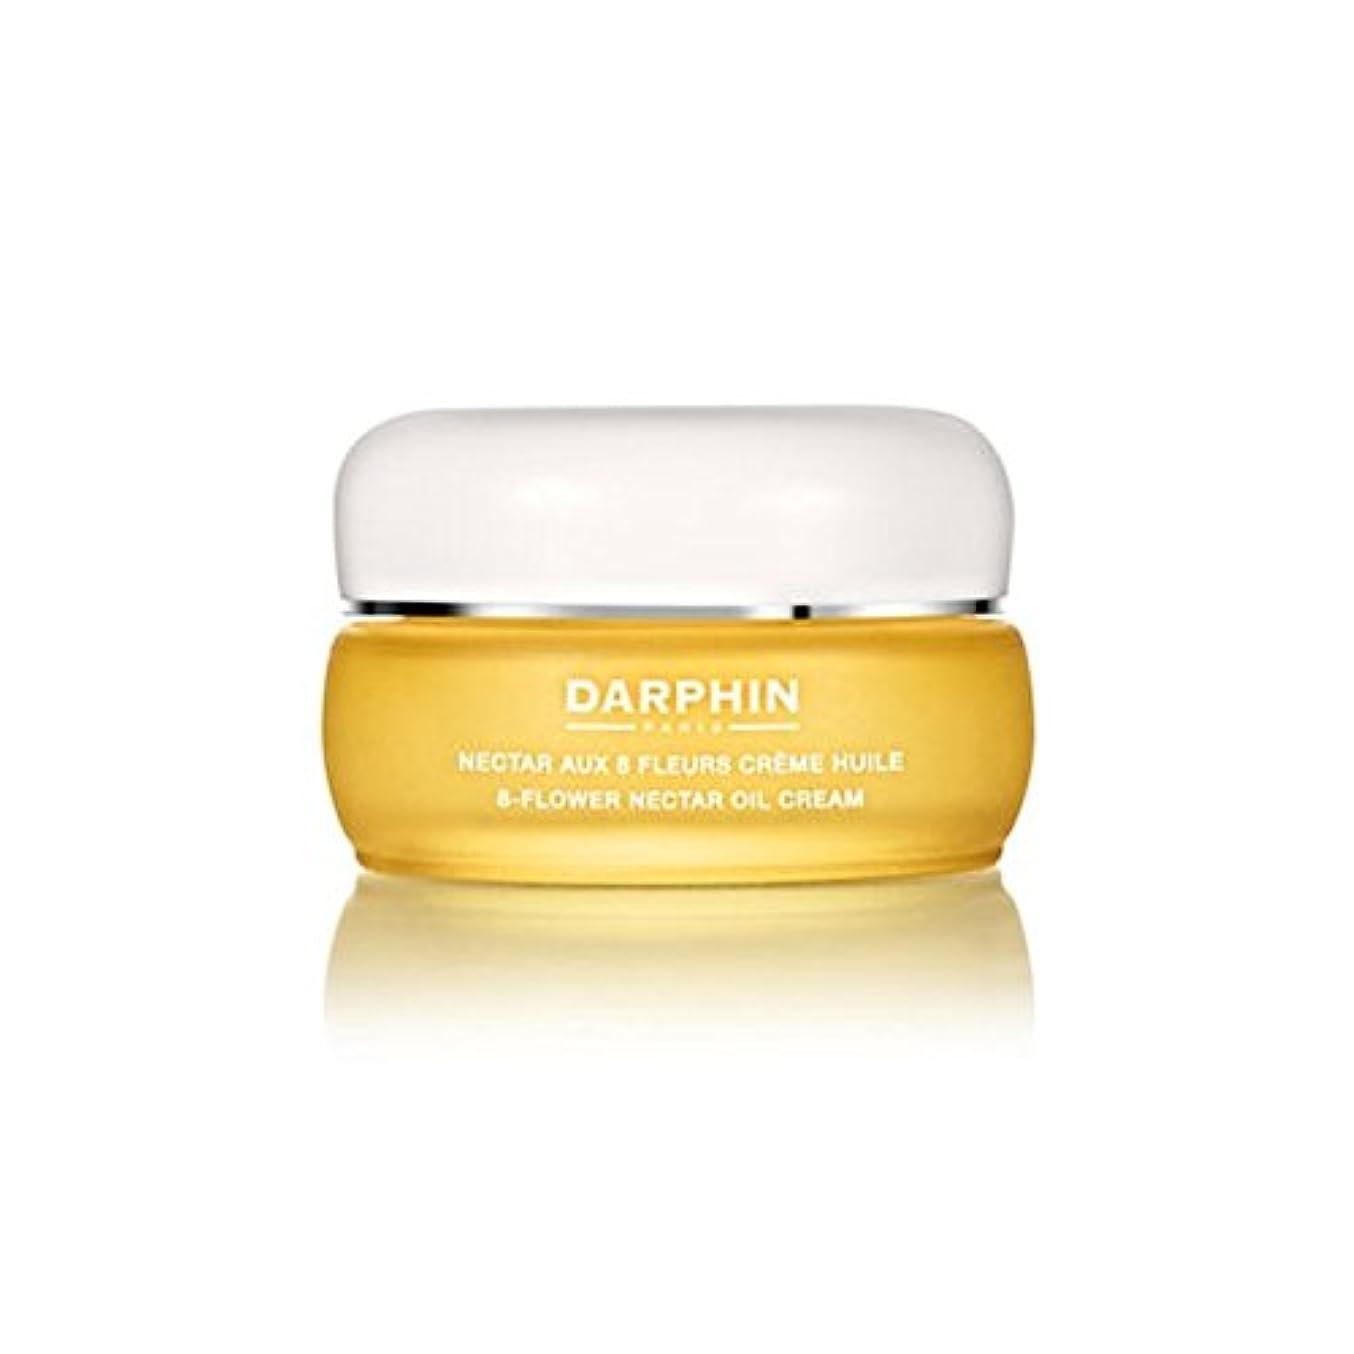 高度な松アクチュエータダルファン8フラワー油クリーム(30ミリリットル) x2 - Darphin 8-Flower Oil Cream (30ml) (Pack of 2) [並行輸入品]